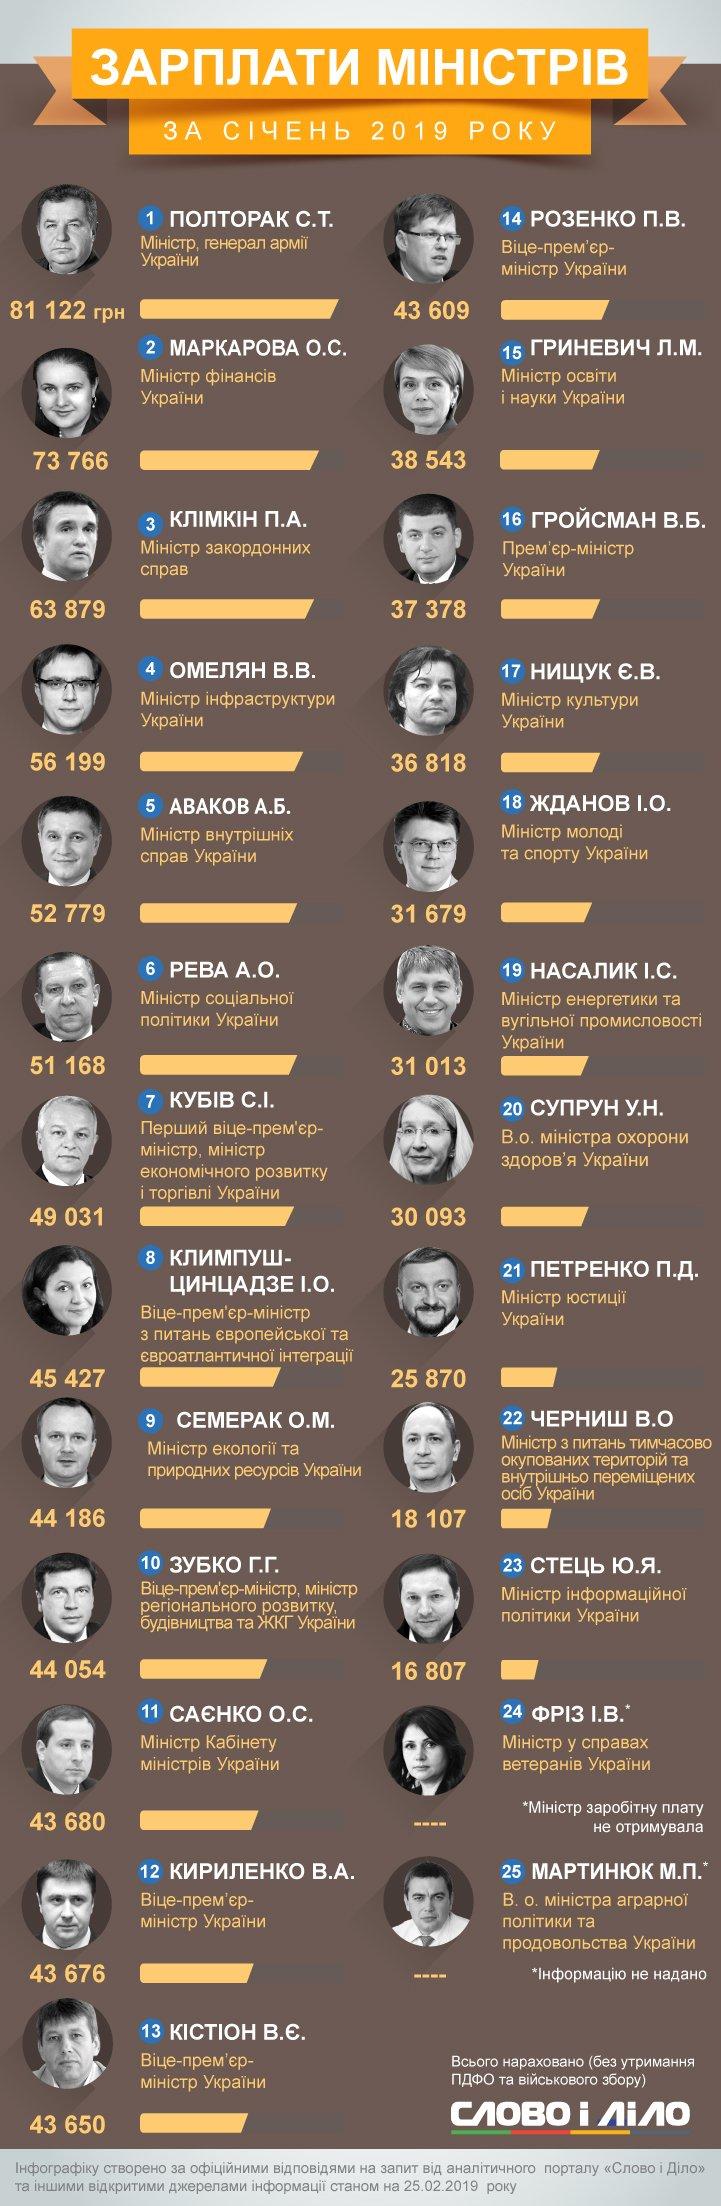 Тройку лидеров возглавили Степан Полторак, Оксана Маркарова и Павел Климкин